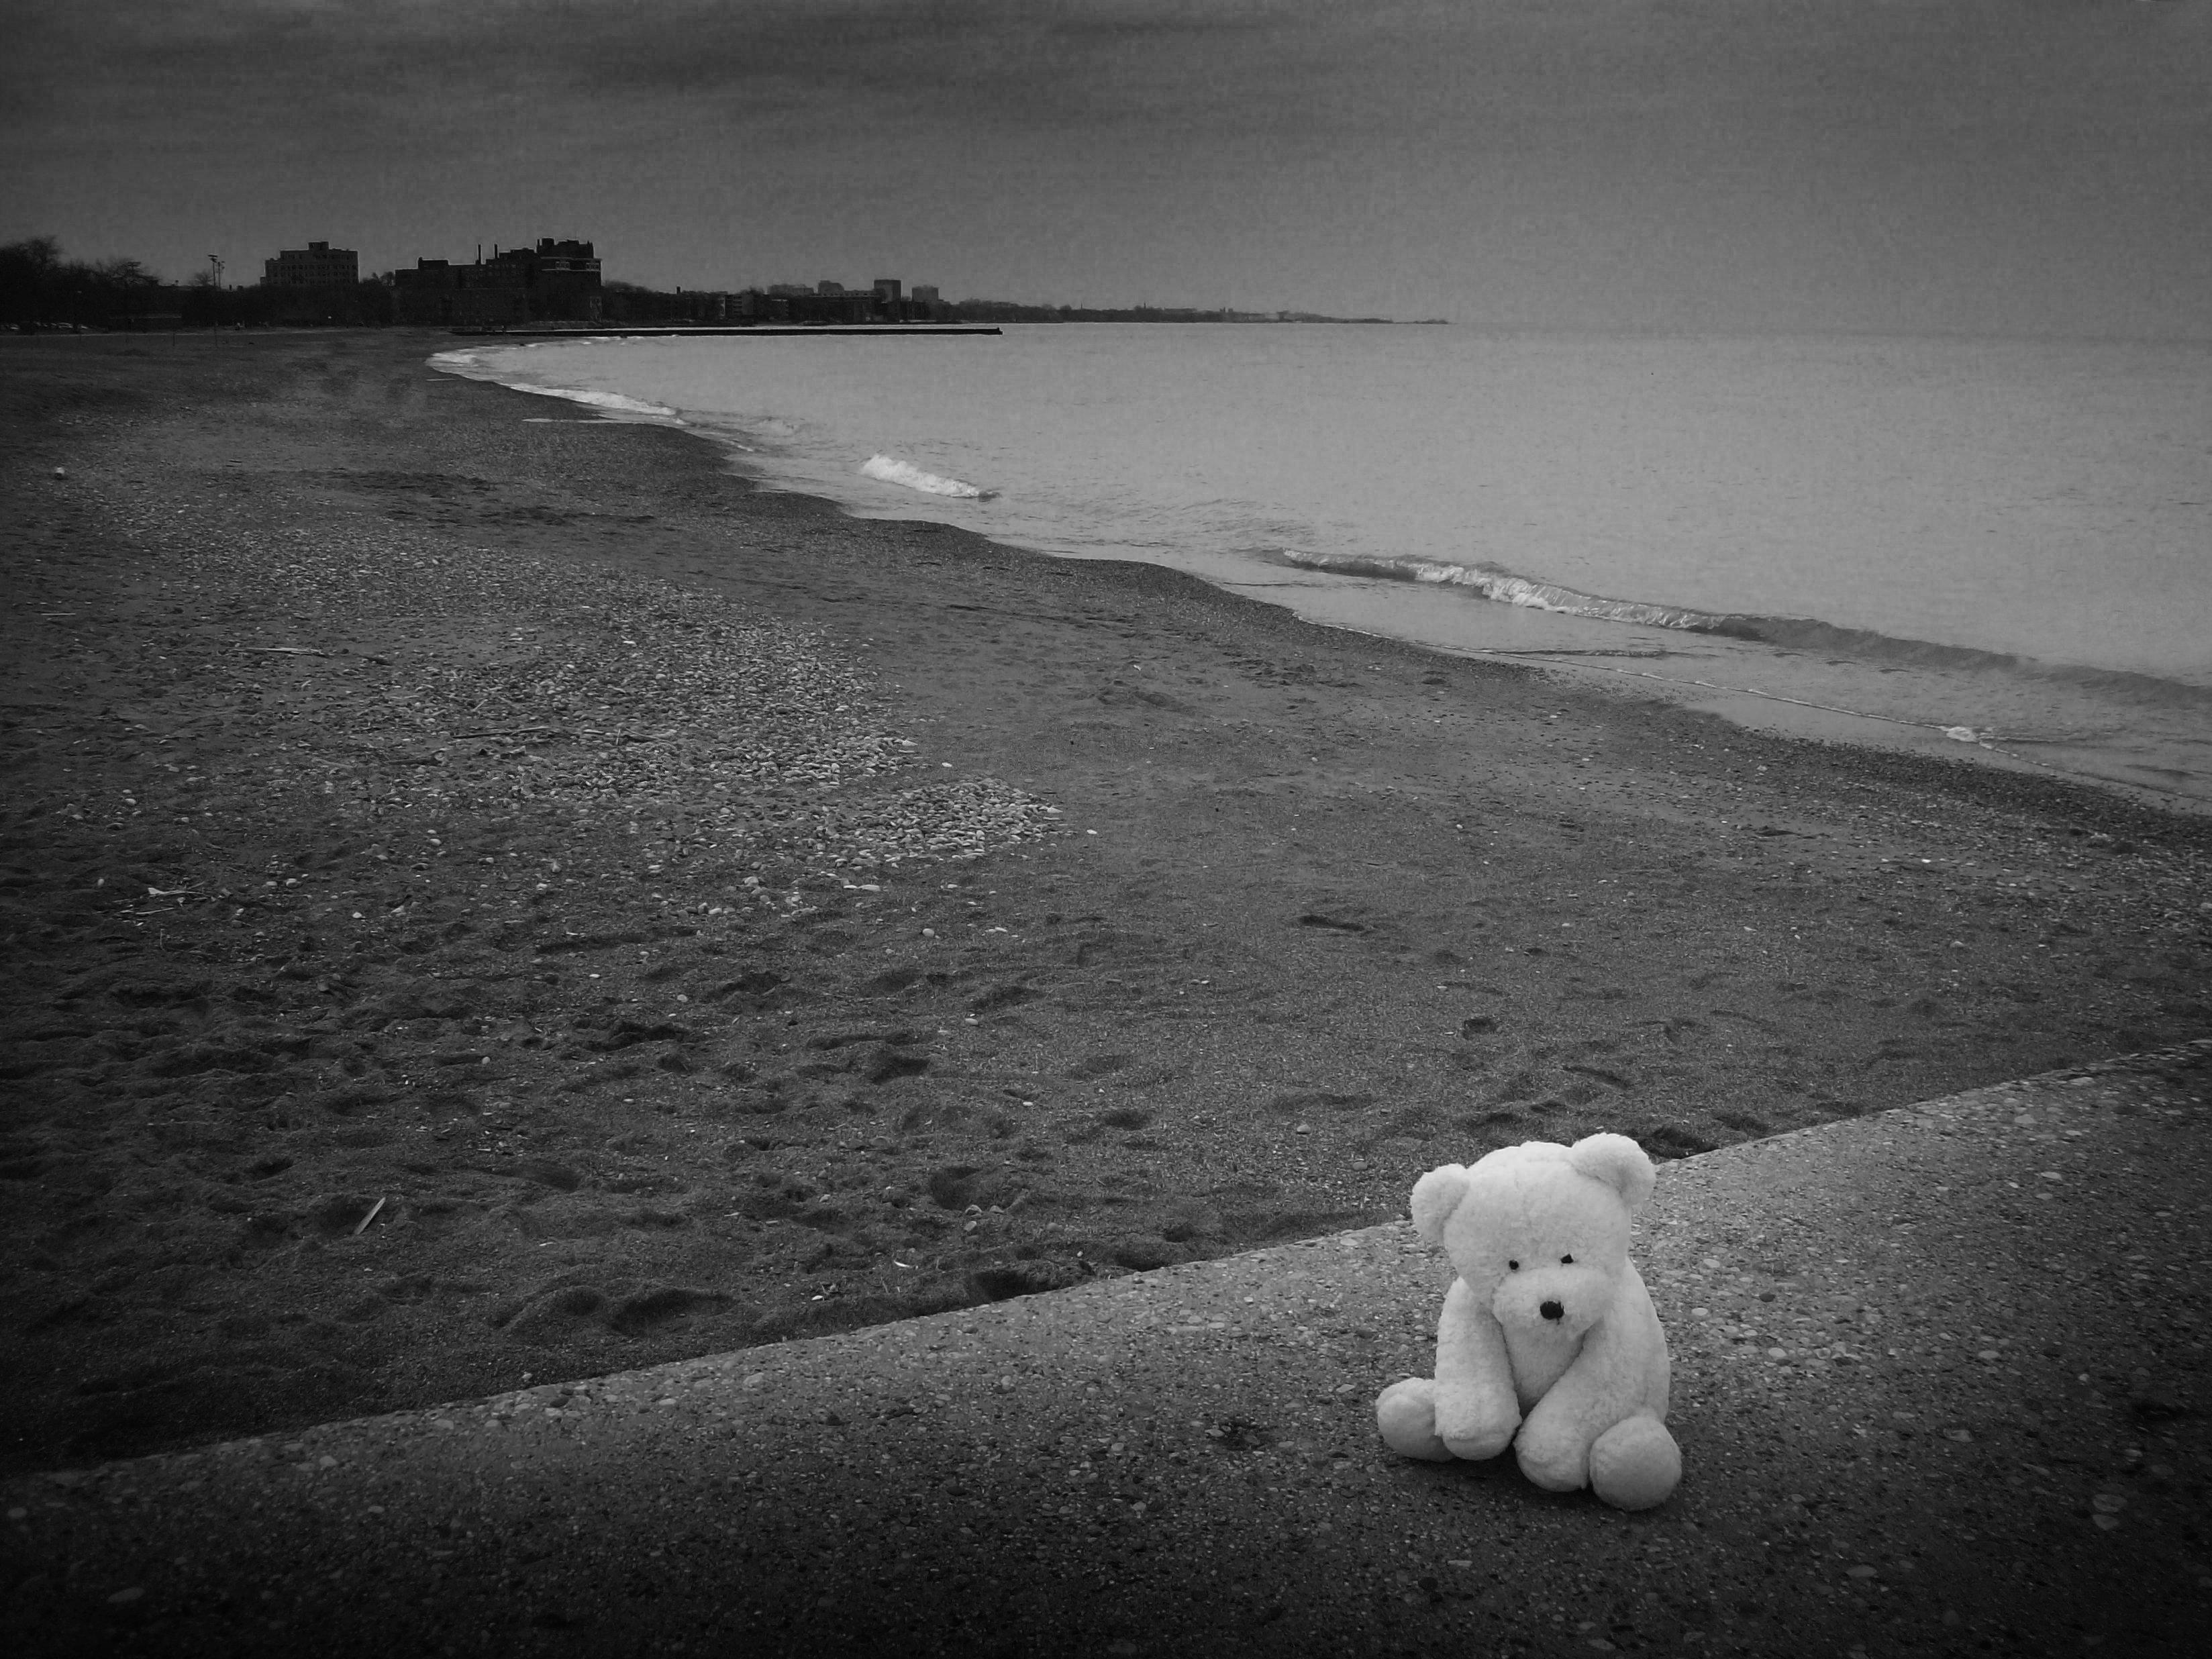 Gấu bông cô đơn